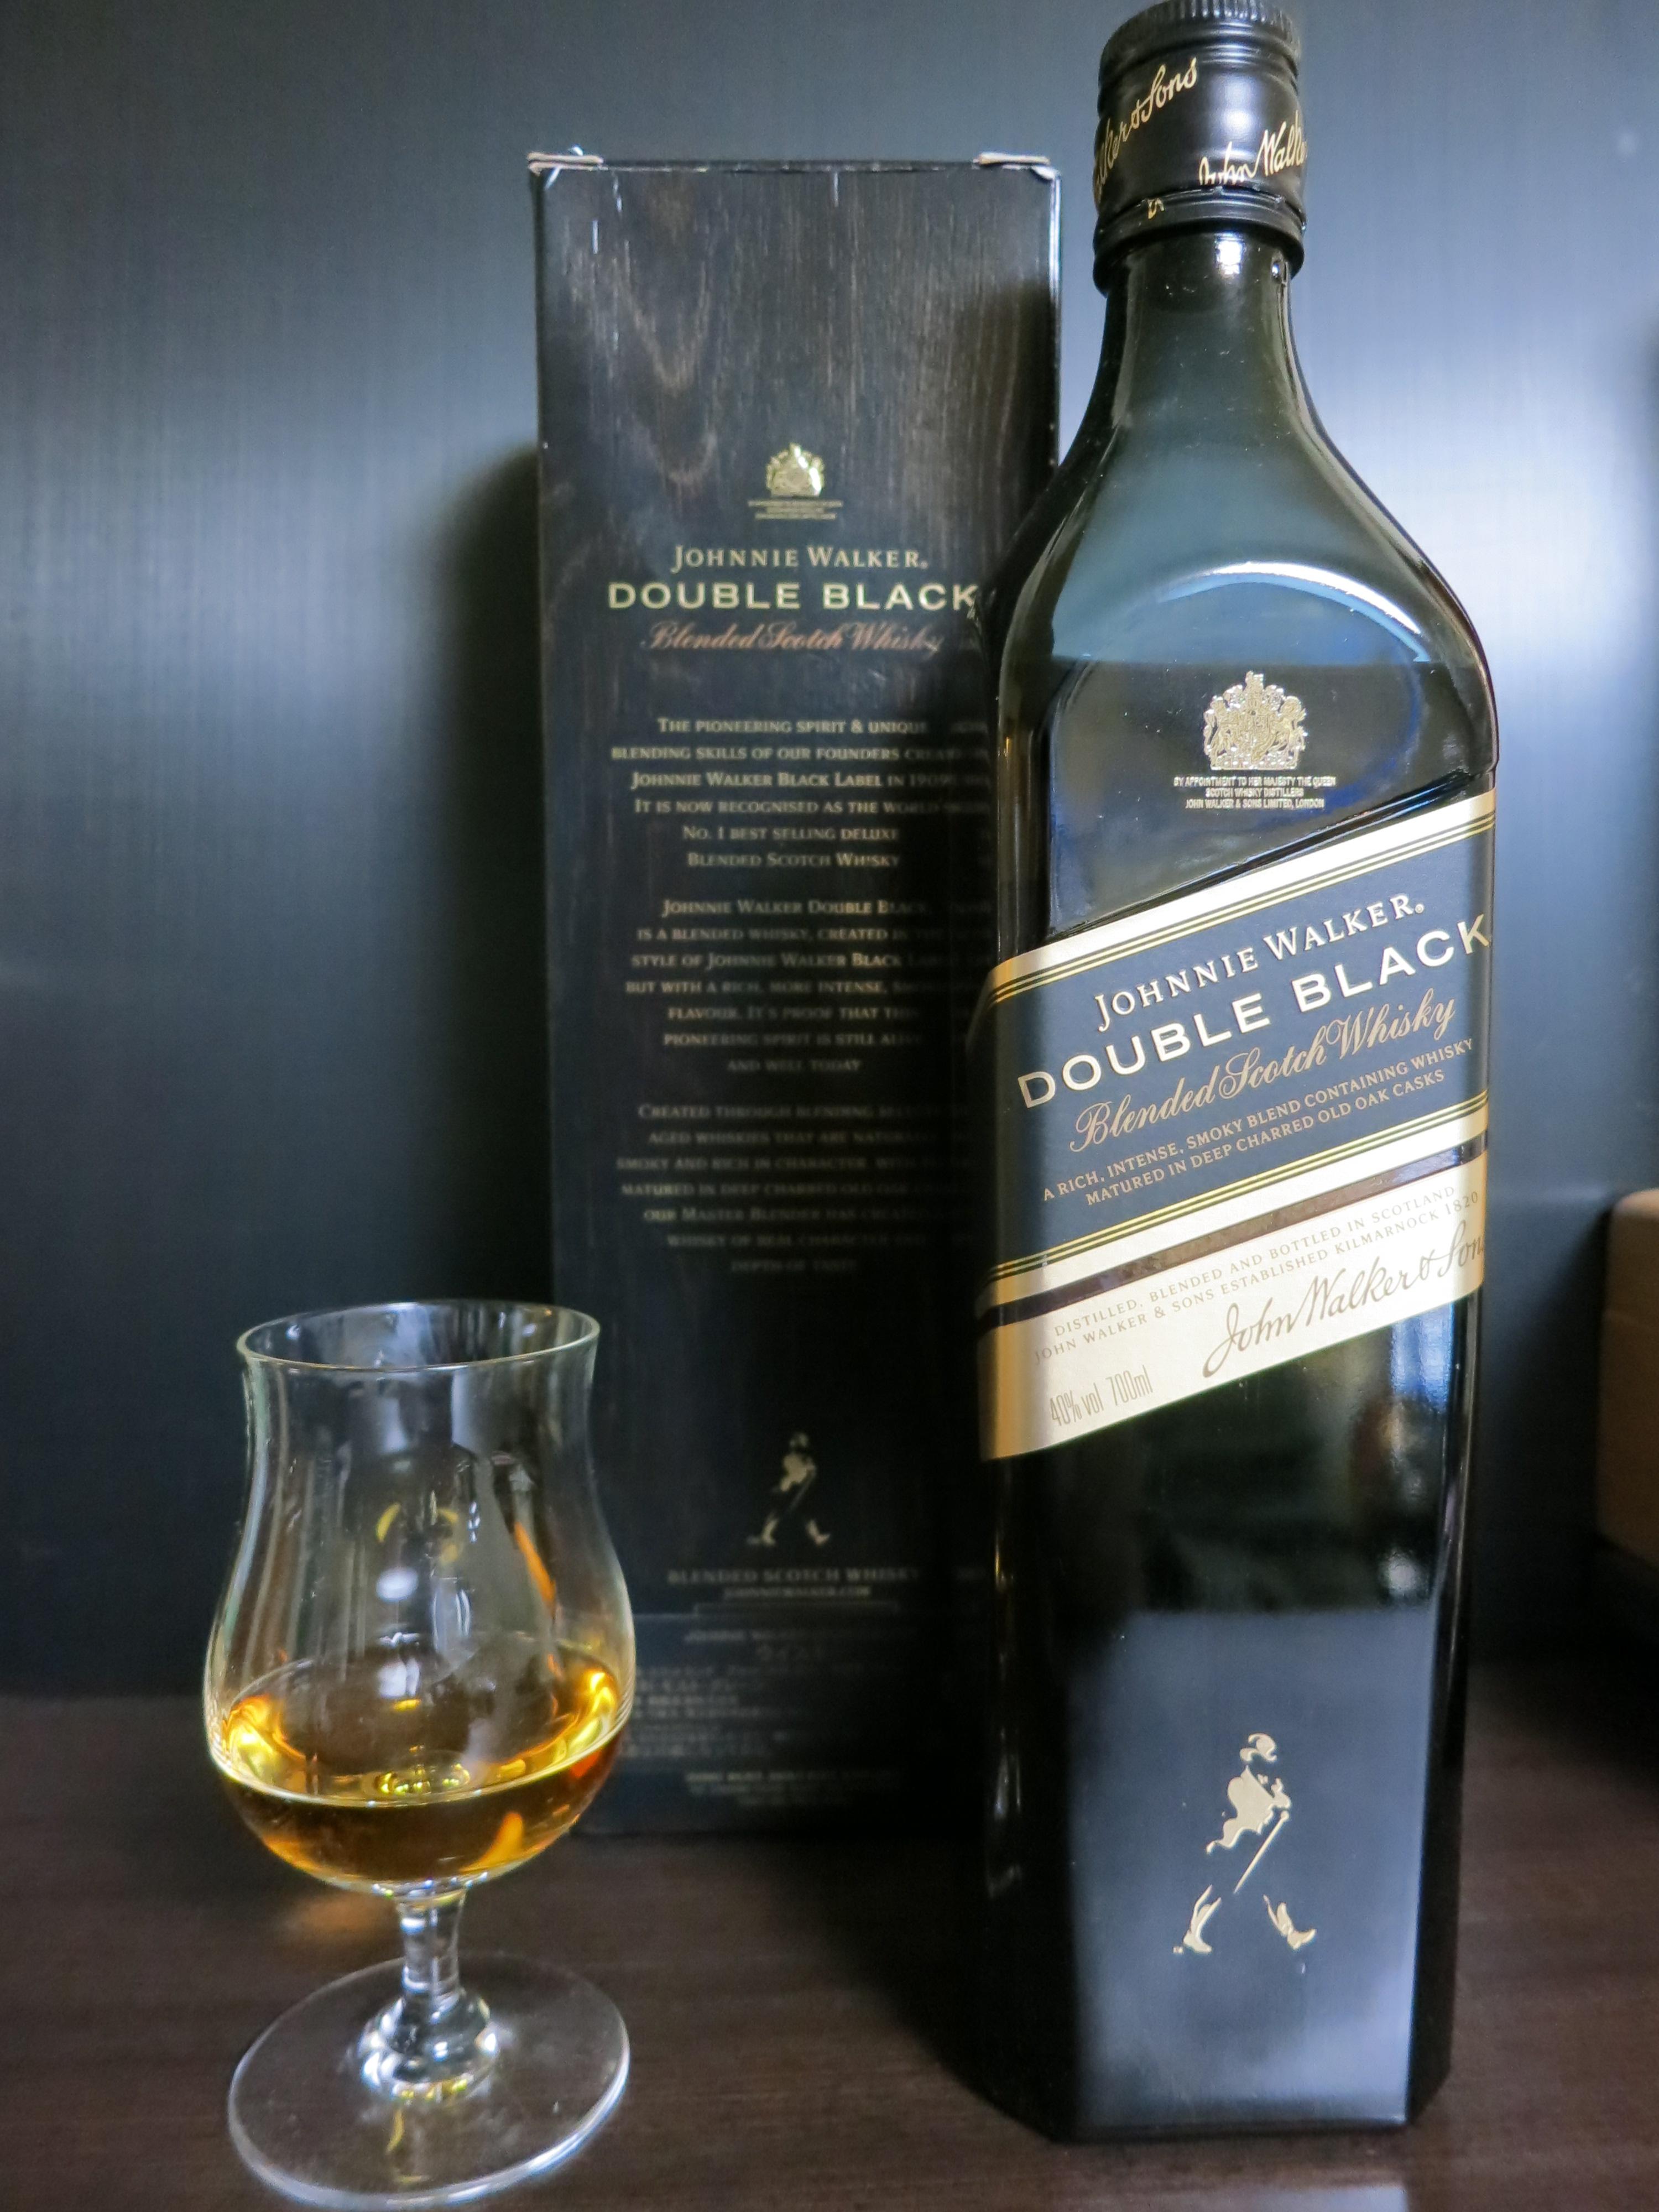 ジョニーウォーカー ダブル ブラック Johnnie Walker 'Double Black' (40%, OB, +/-2012)